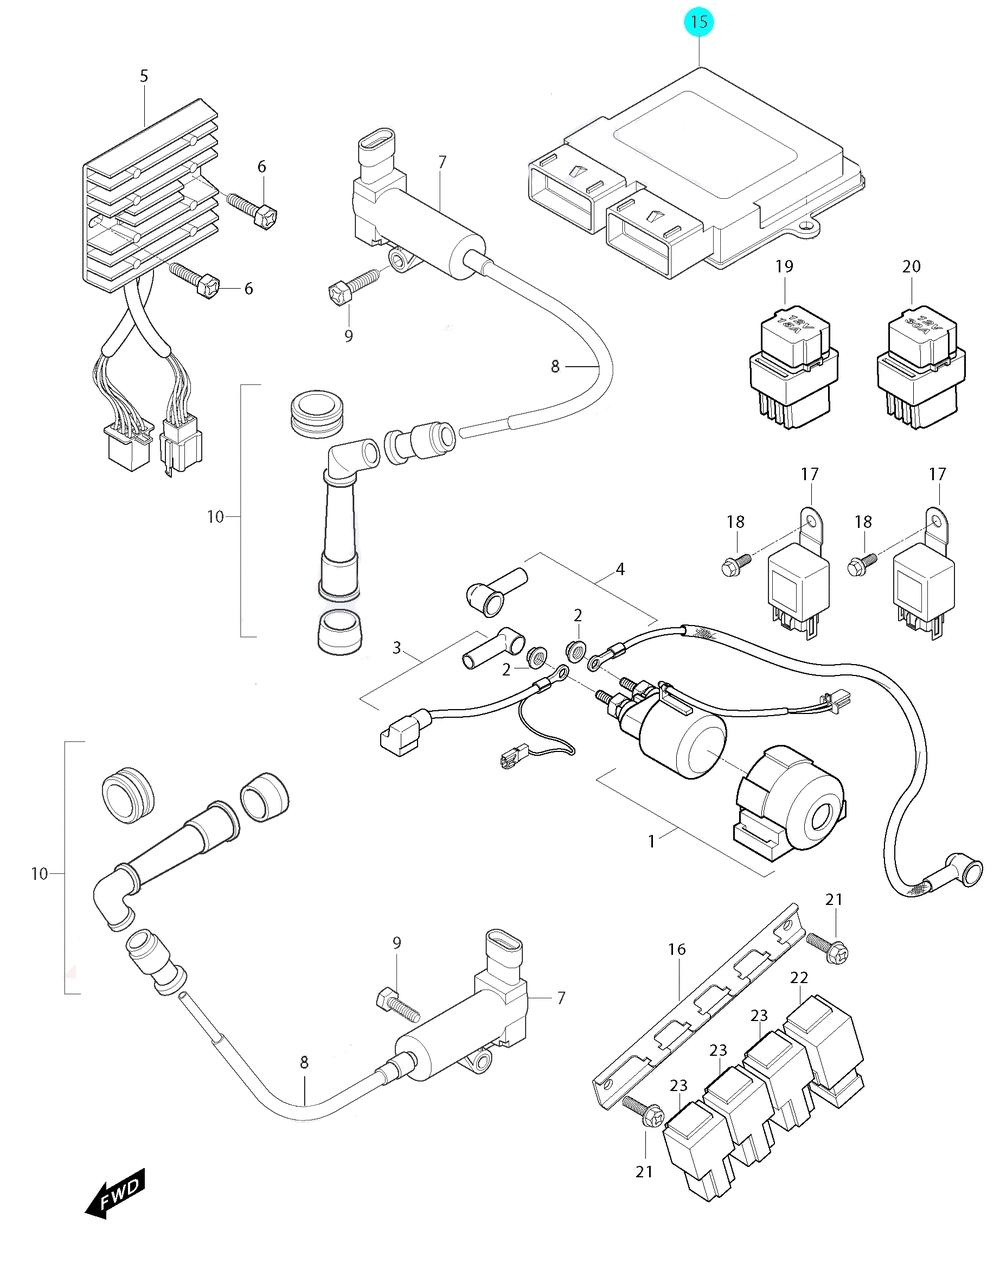 [15] Řídící jednotka ECU Delphi (elektrické jednotky) - Hyosung GT 650i R K (GT 650 RC)